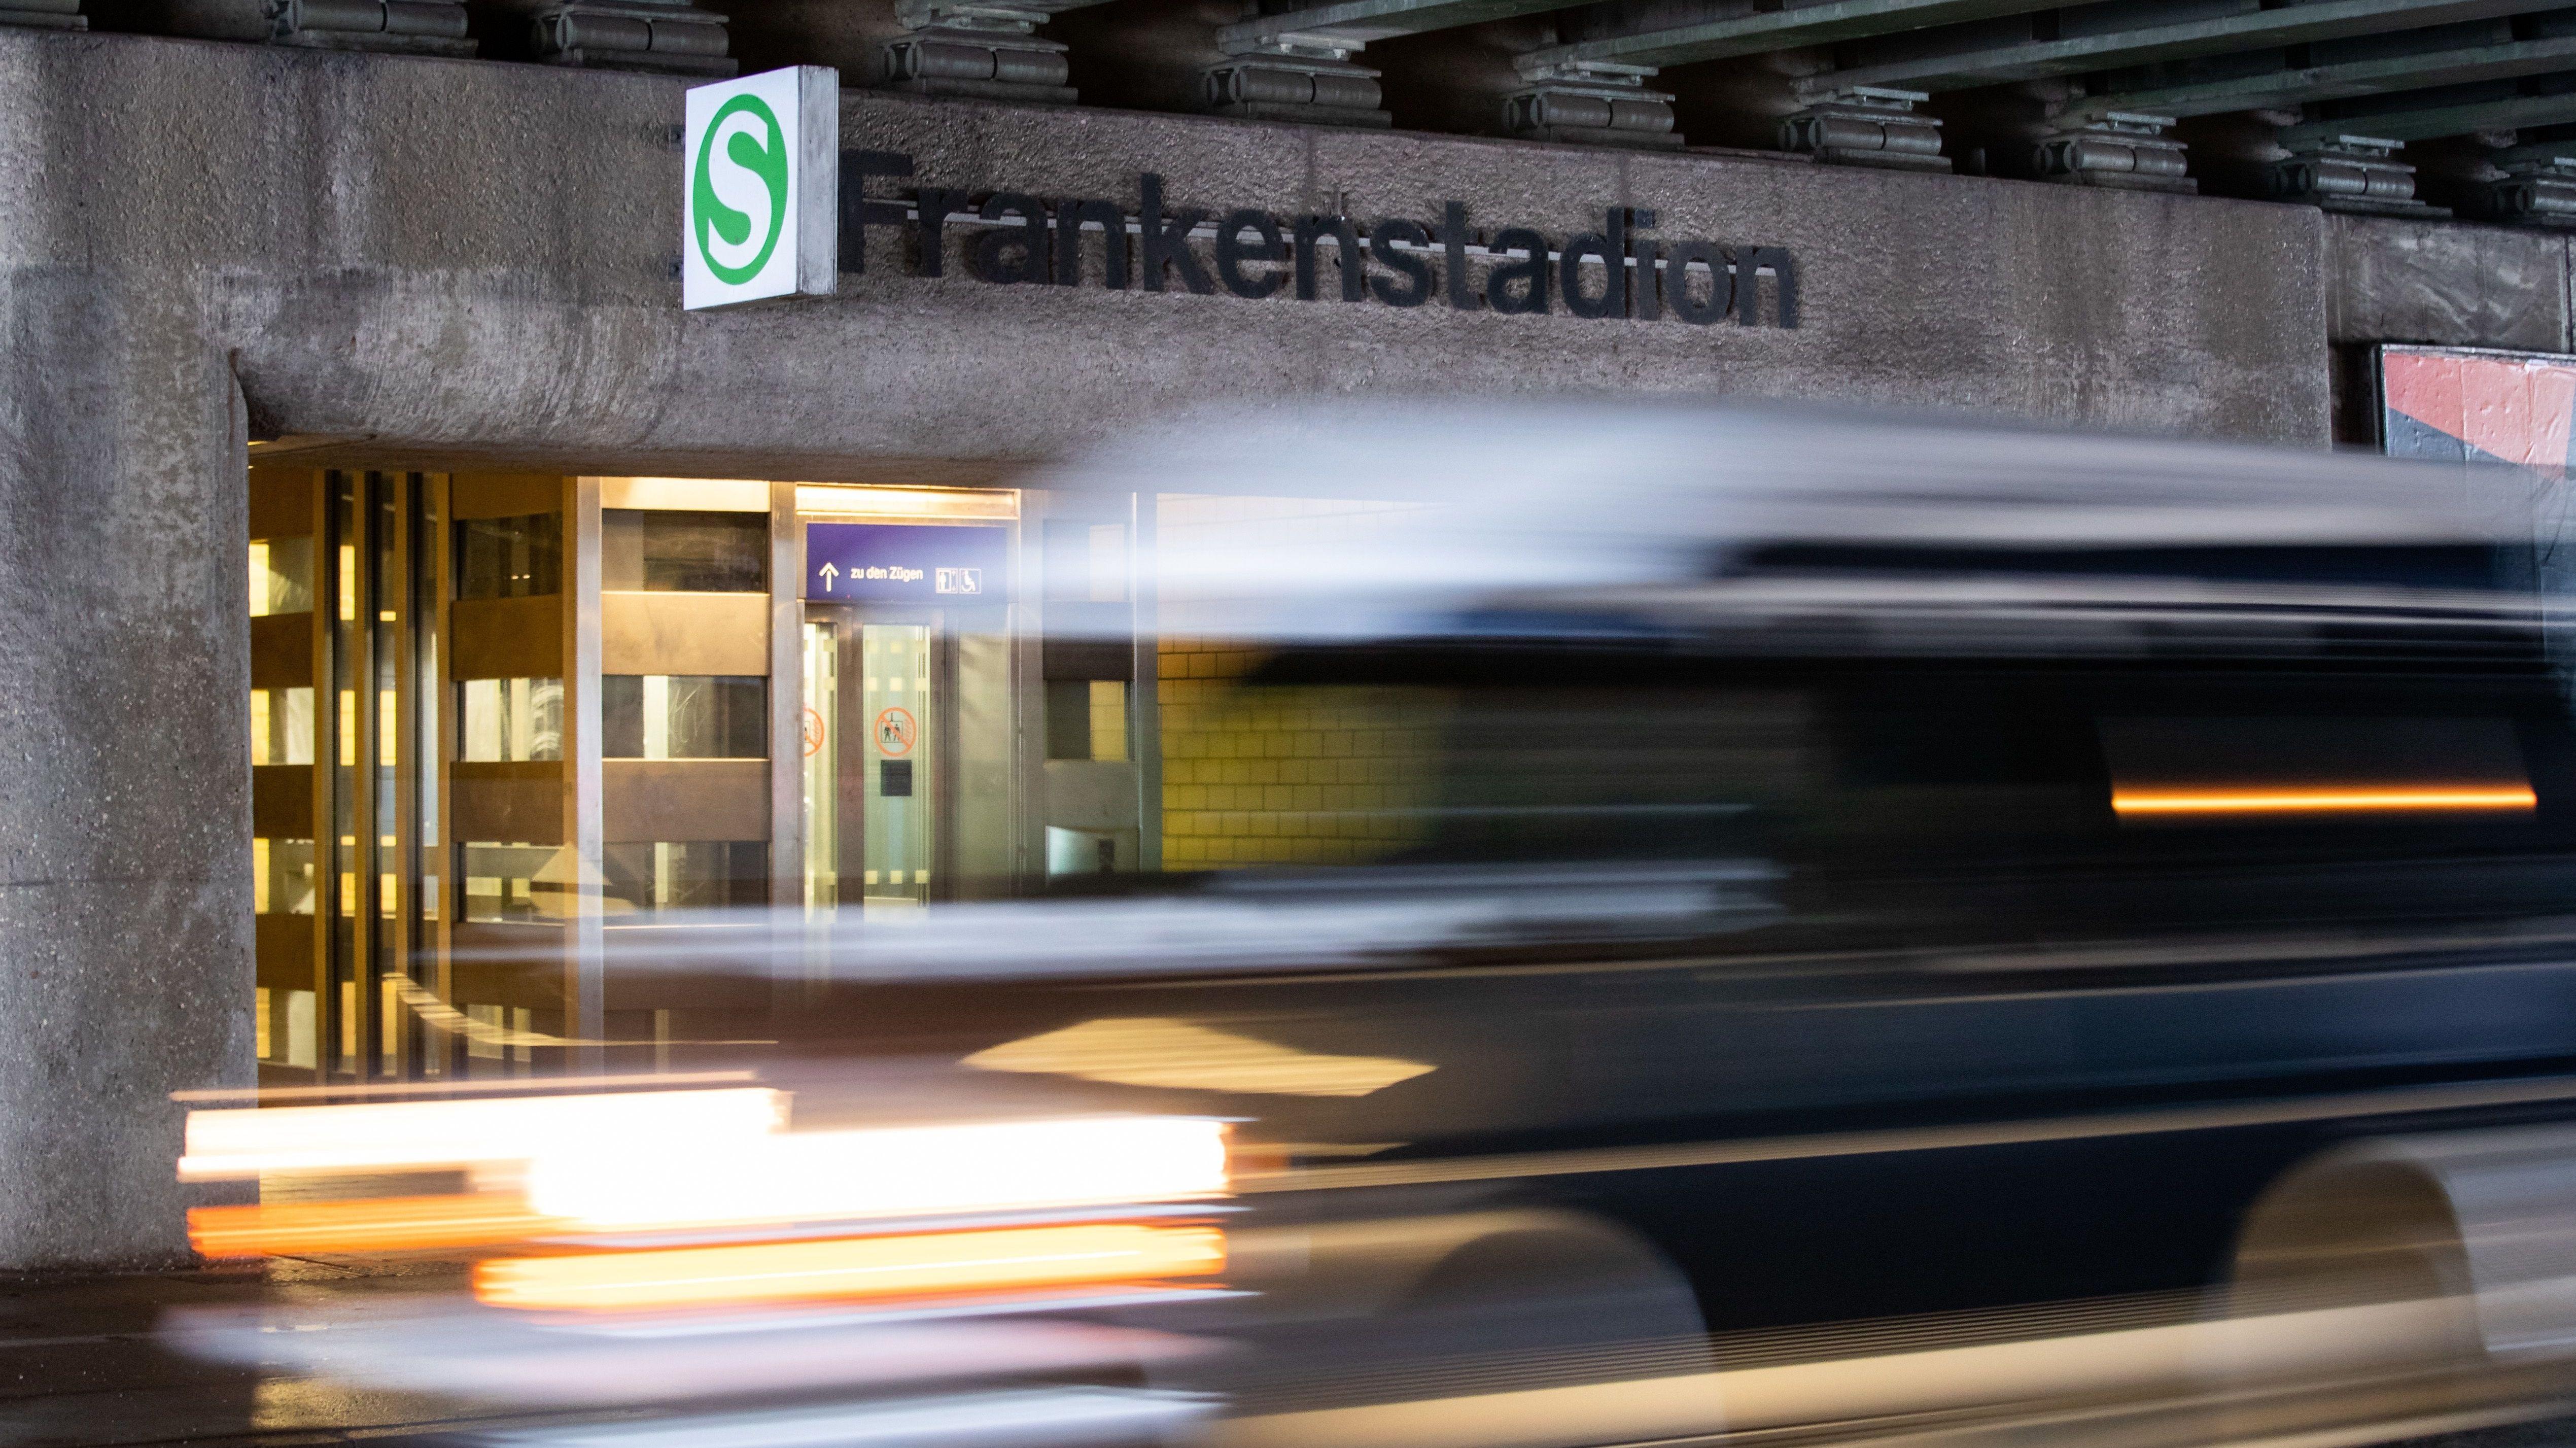 Ein Auto fährt vor der S-Bahn-Station Frankenstadion schnell vorbei.